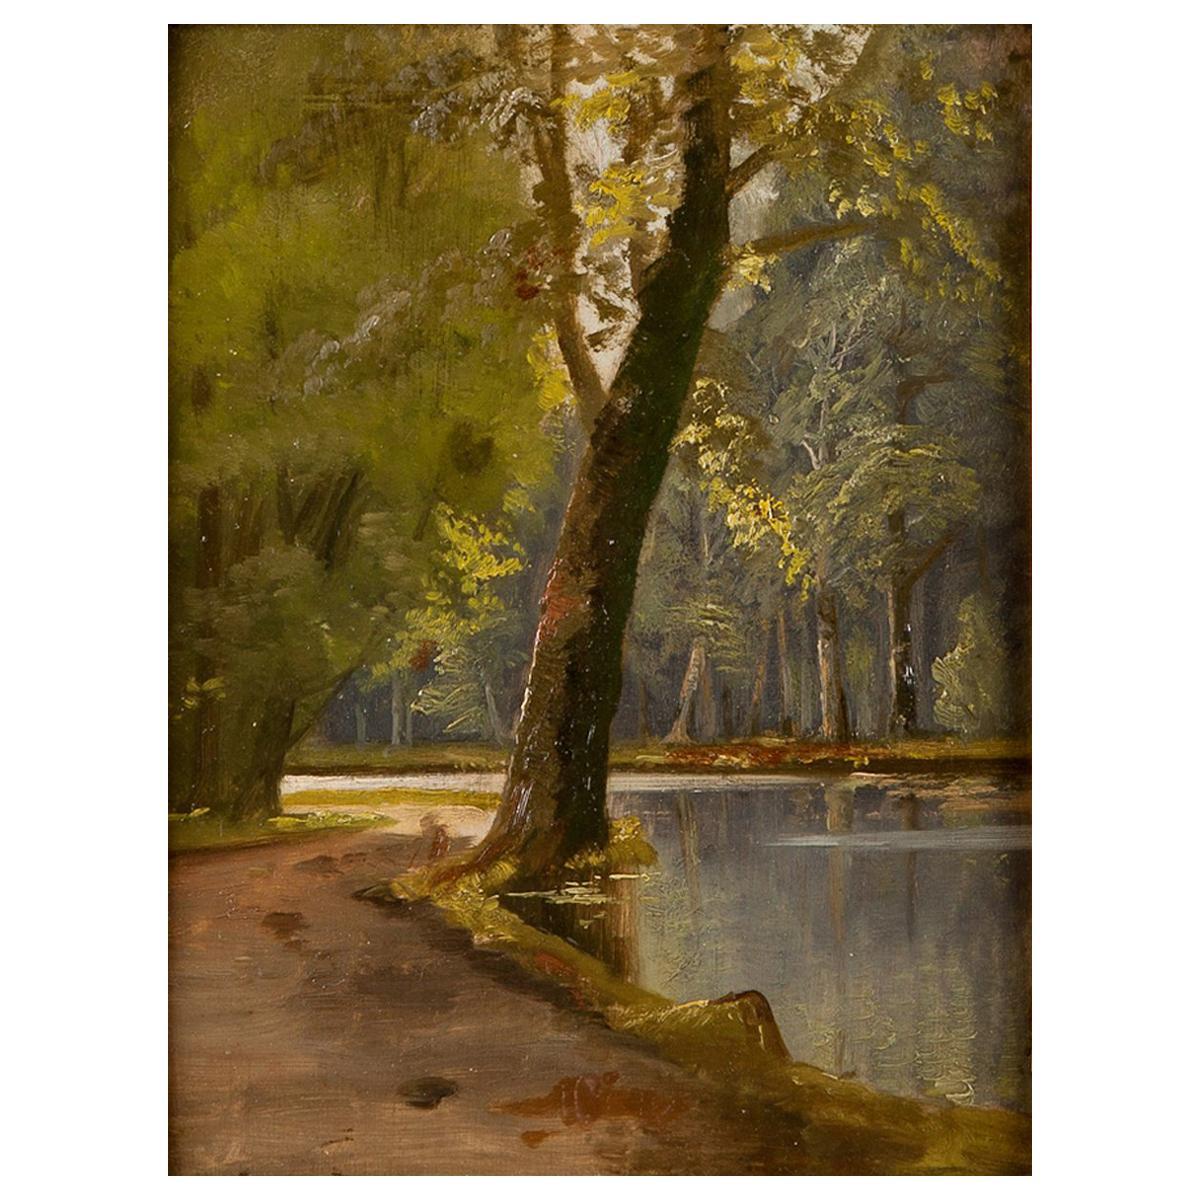 19th Century Oil Painting of Forest Landscape/ Riverscape by Peder Mørk Mønsted